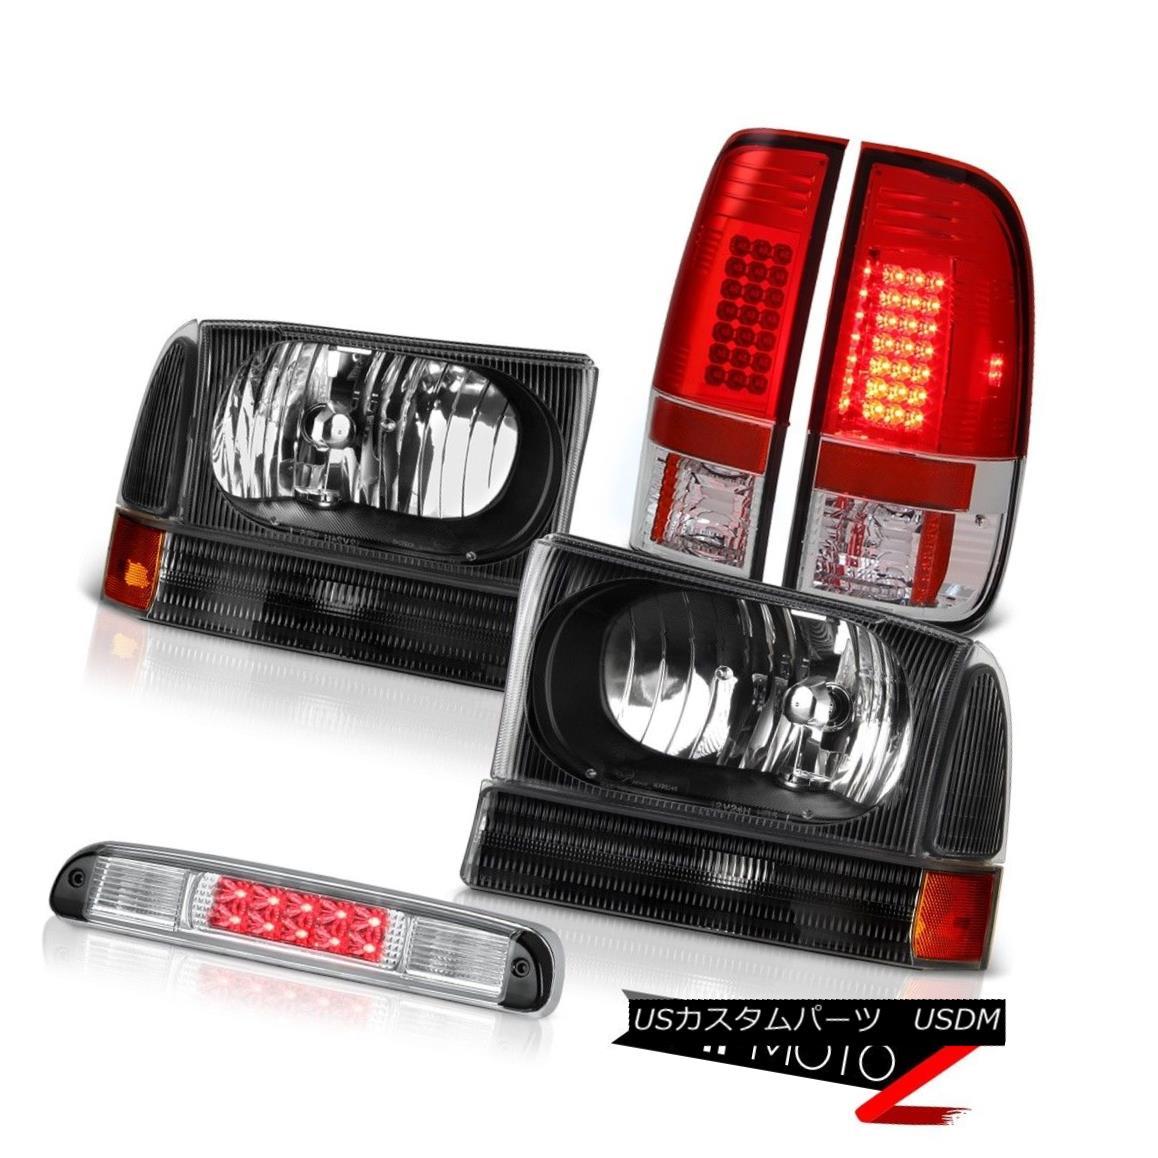 テールライト Satin Black Headlamps Brake Tail Lights LED Third Cargo 1999-2004 Ford F250 SD サテンブラックヘッドランプブレーキテールライトLED第3貨物1999-2004 Ford F250 SD